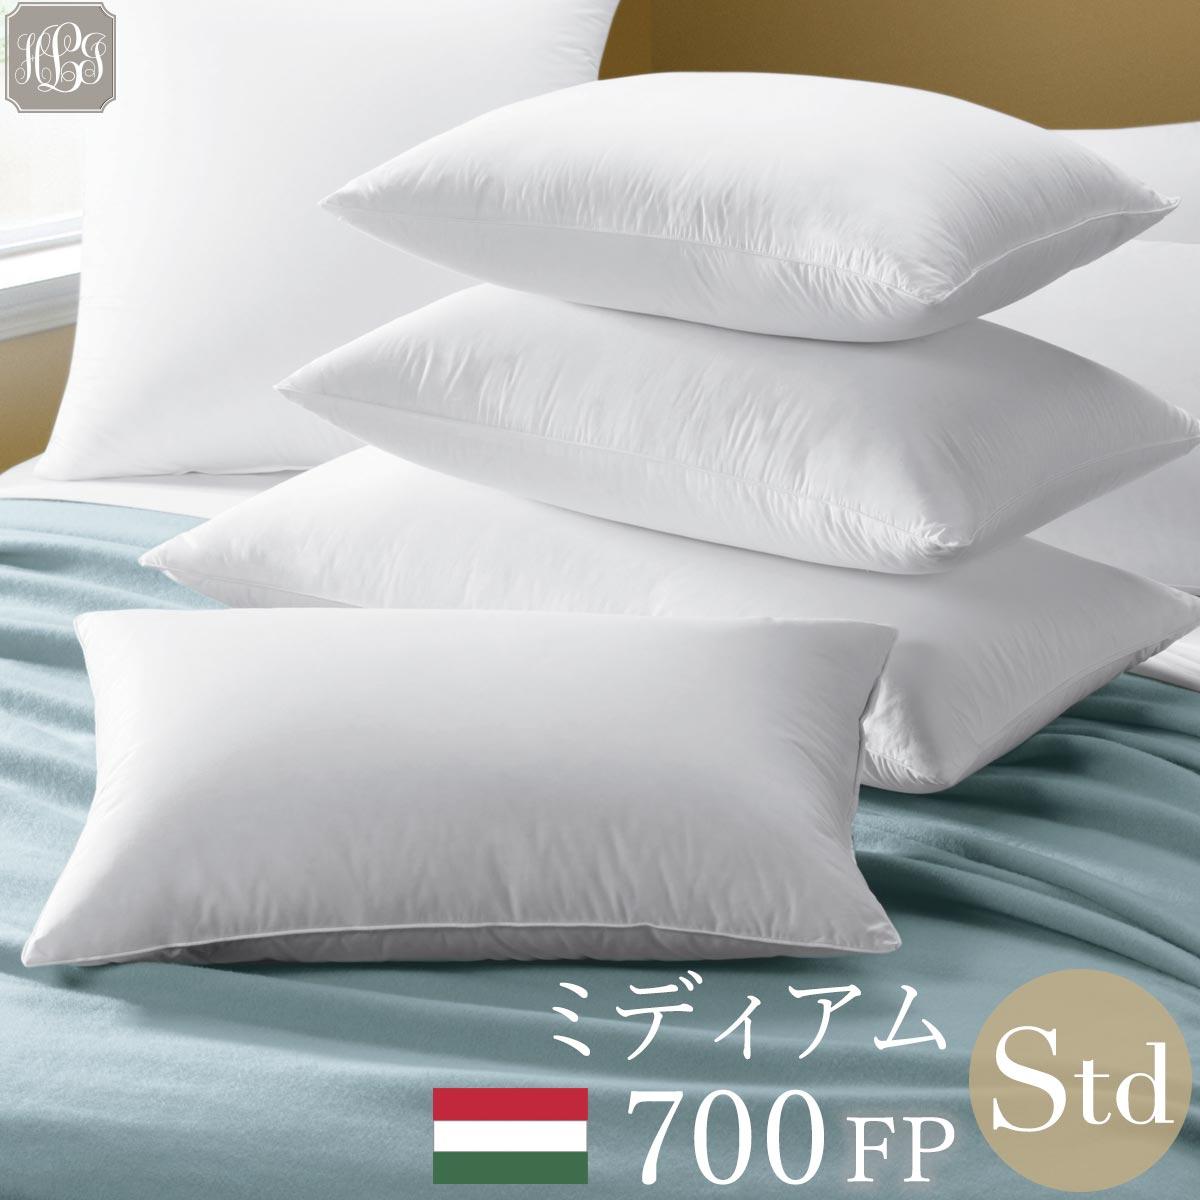 羽毛枕 700FPヨーロピアンホワイトグース スタンダード 50cmx66cm ミディアム 高級ホテル 高め 80番手 超長綿100%